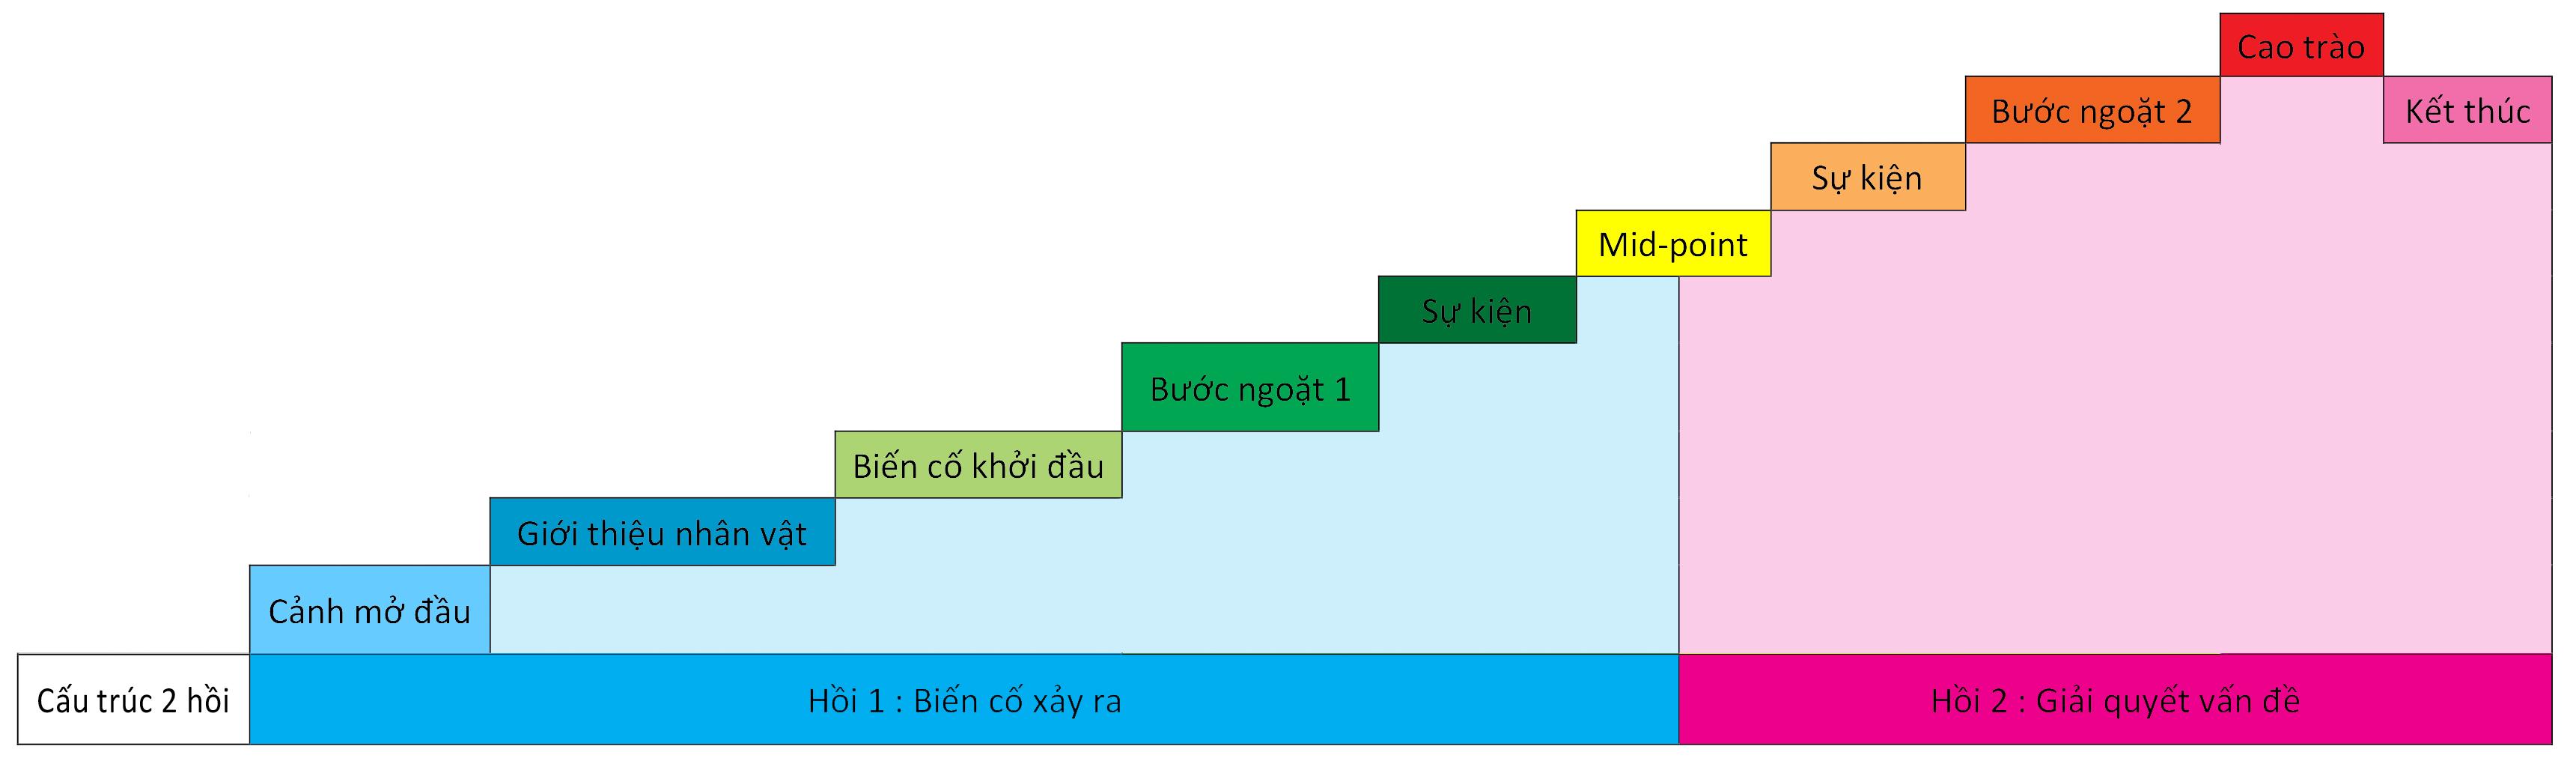 cấu trúc 2 hồi